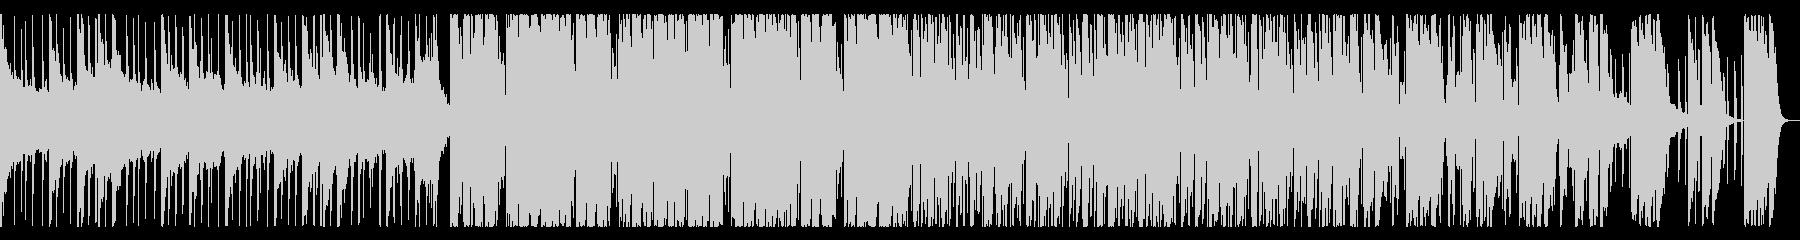 お洒落なトロピカルハウスの未再生の波形